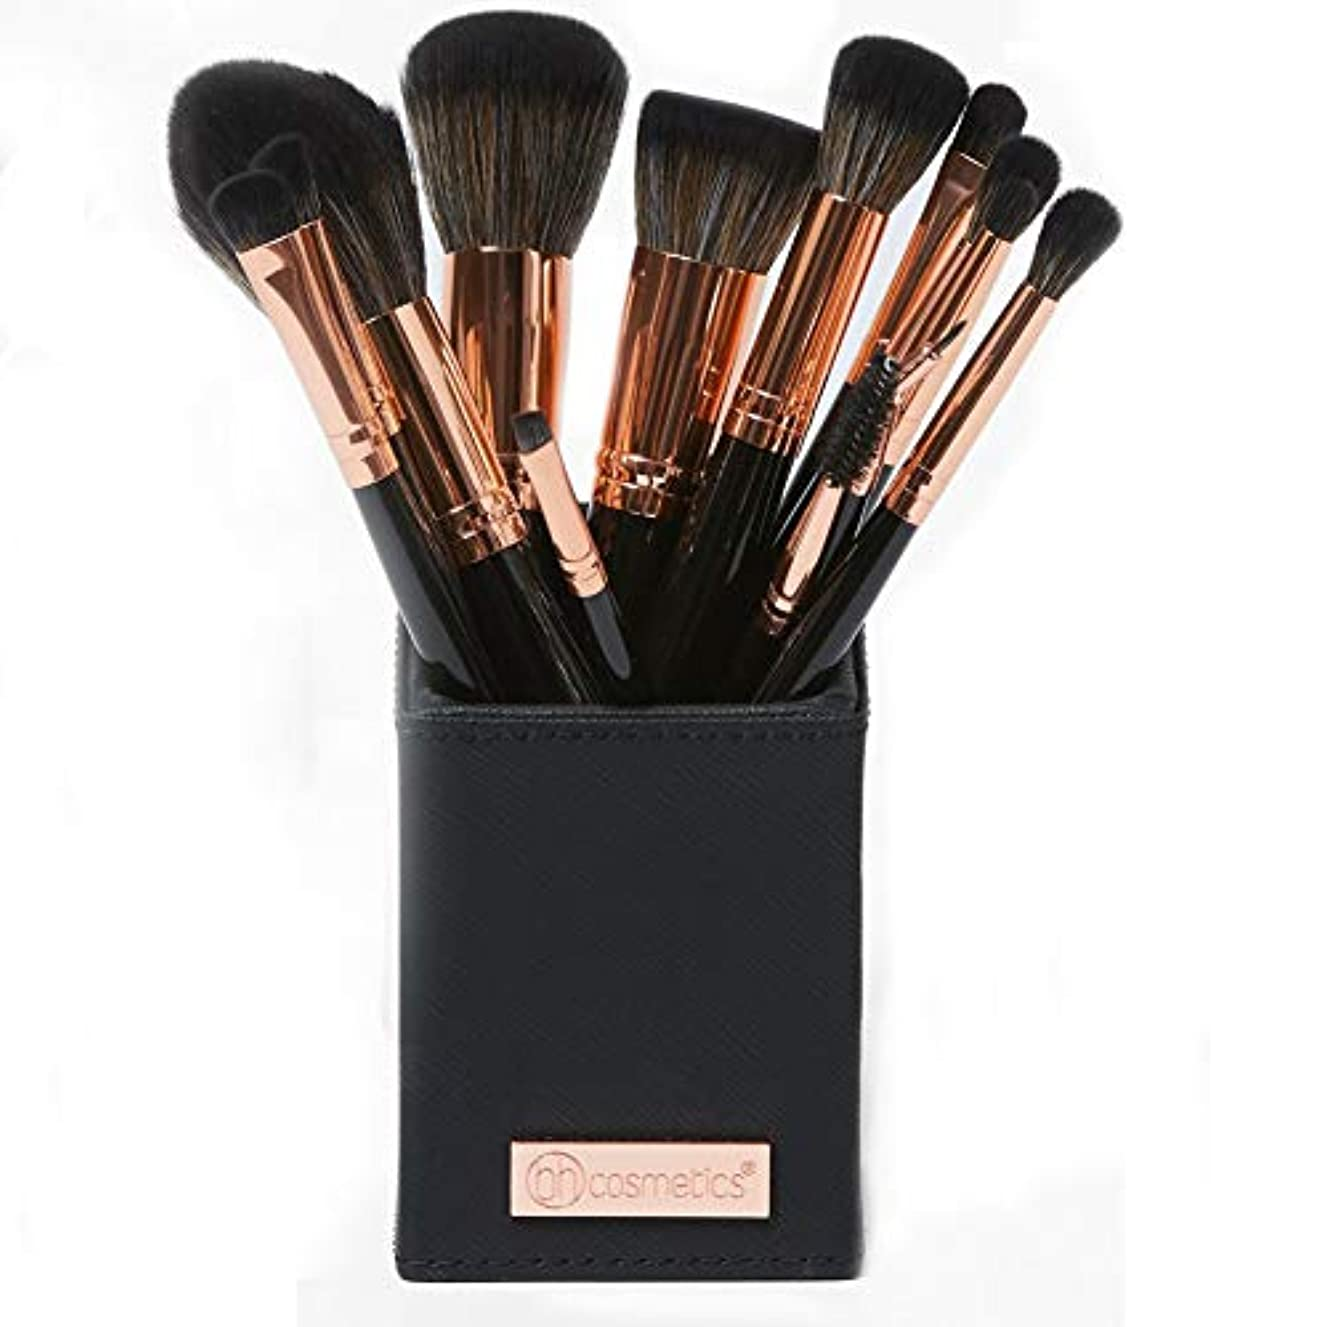 ディスクひばり入浴BH cosmetics メイクブラシ アイシャドウブラシ 化粧筆 貴族のゴールド メイクブラシセット13本セット 多機能メイクブラシケース付き収納便利